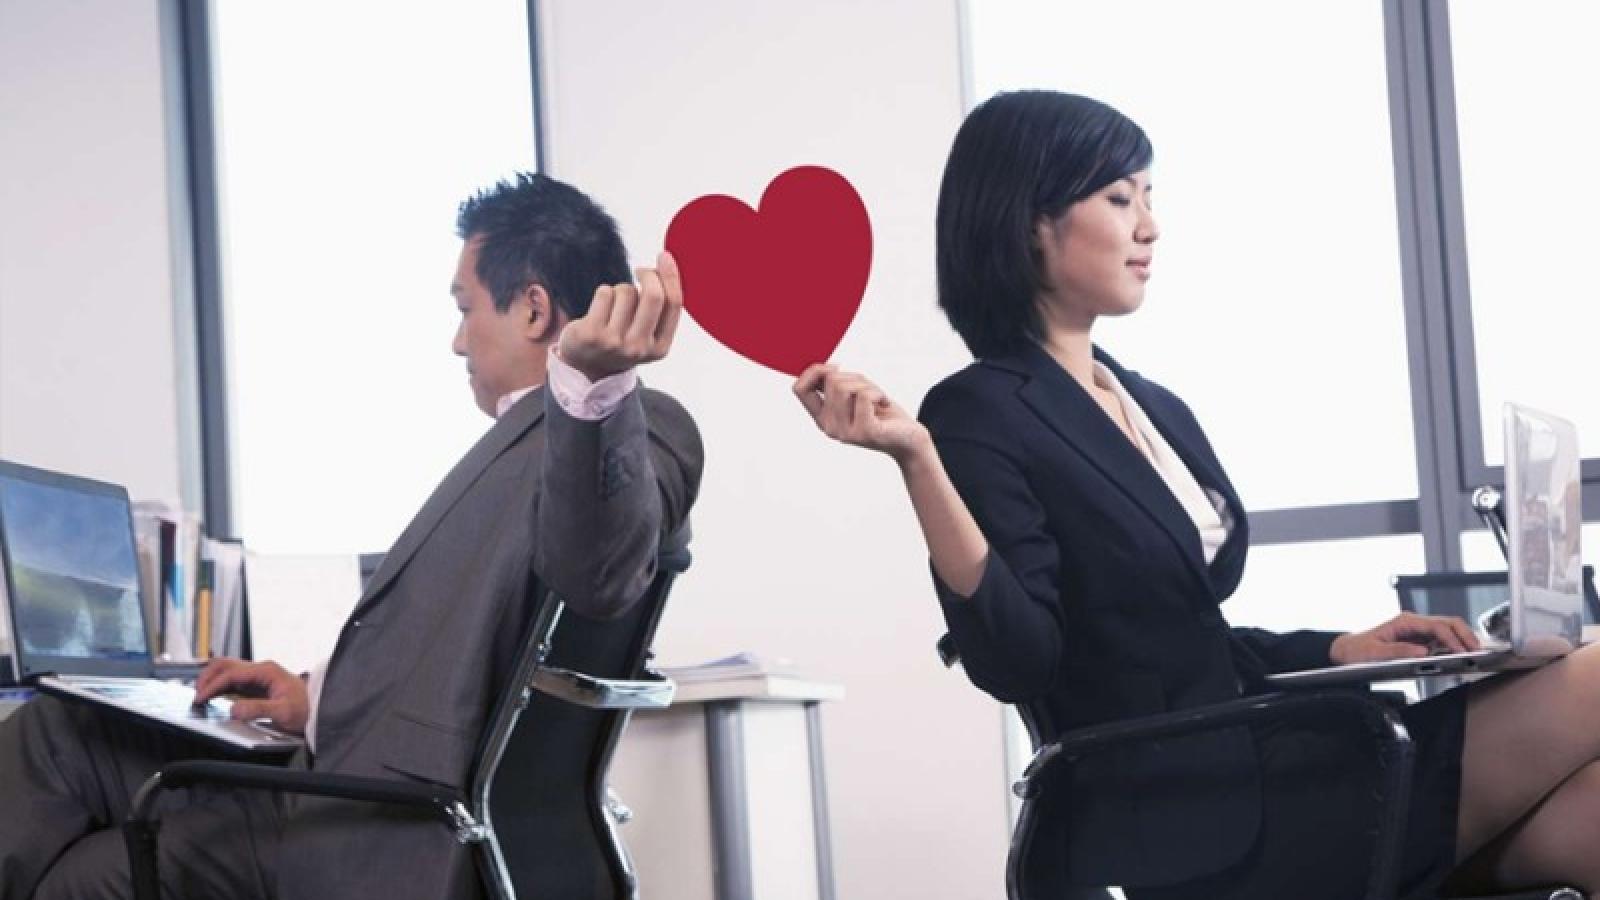 Yêu đương chốn công sở cần ghi nhớ những điều gì?